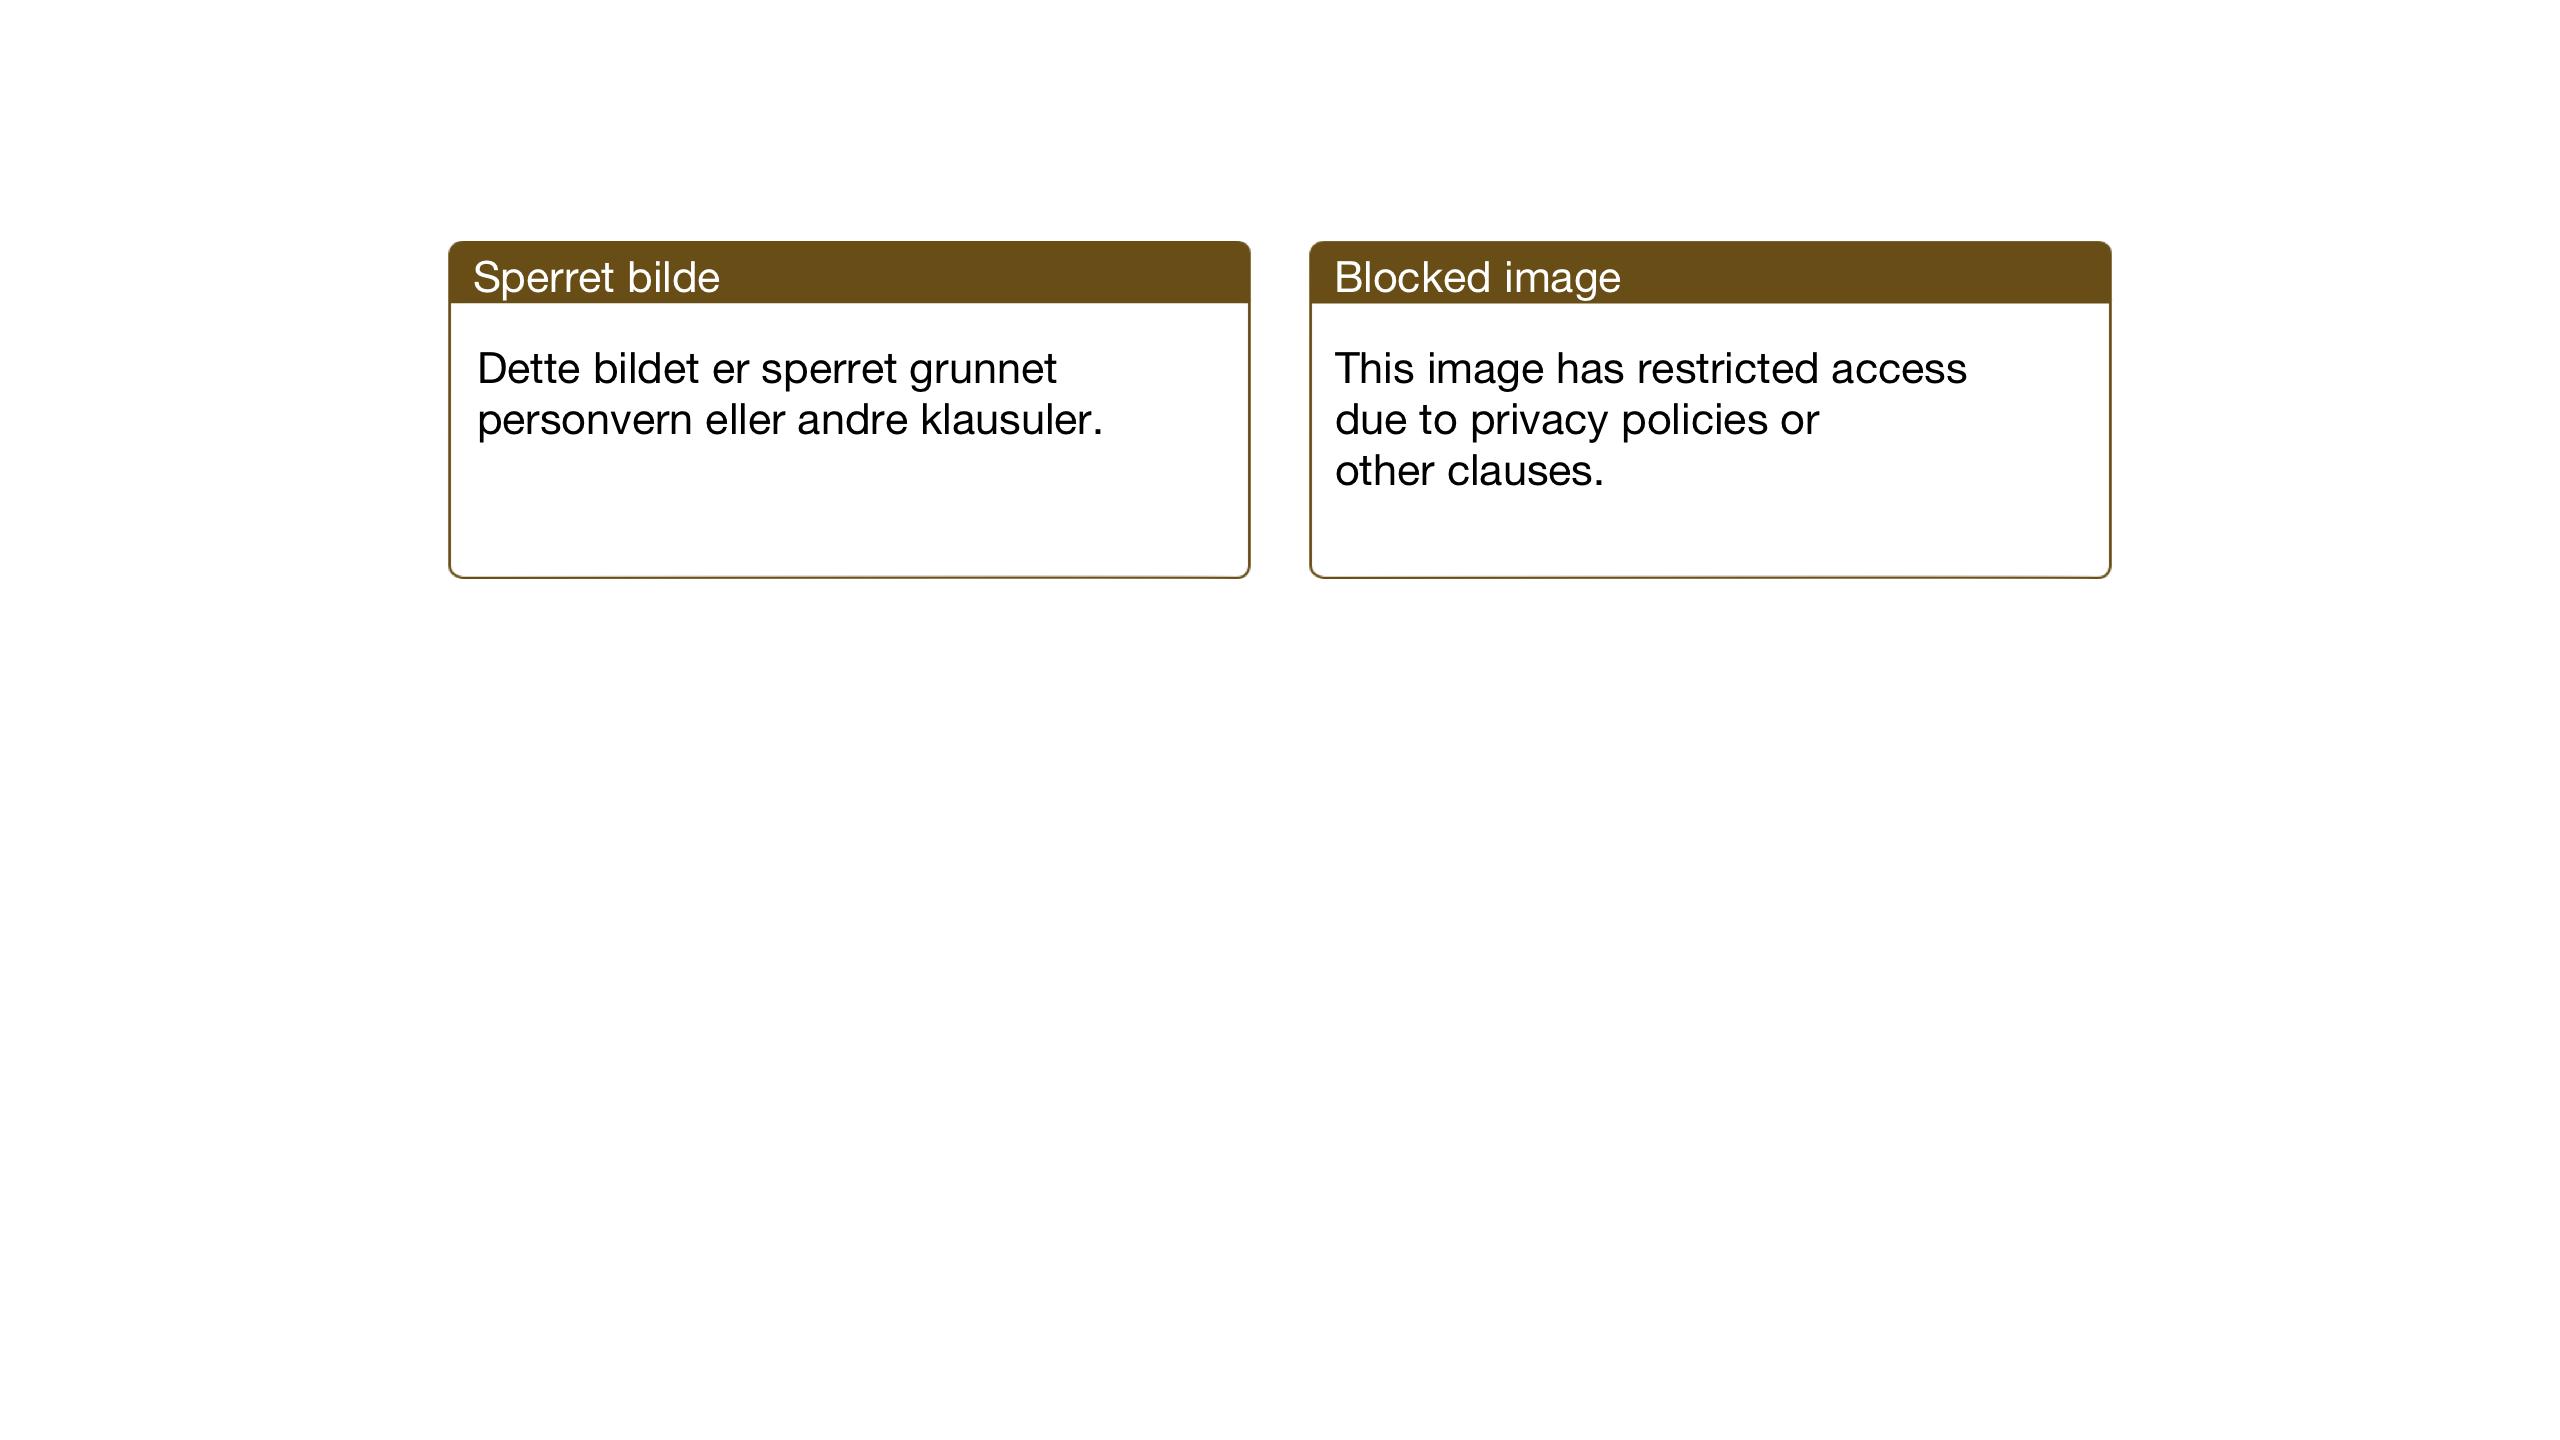 SAT, Ministerialprotokoller, klokkerbøker og fødselsregistre - Sør-Trøndelag, 651/L0648: Klokkerbok nr. 651C02, 1915-1945, s. 152